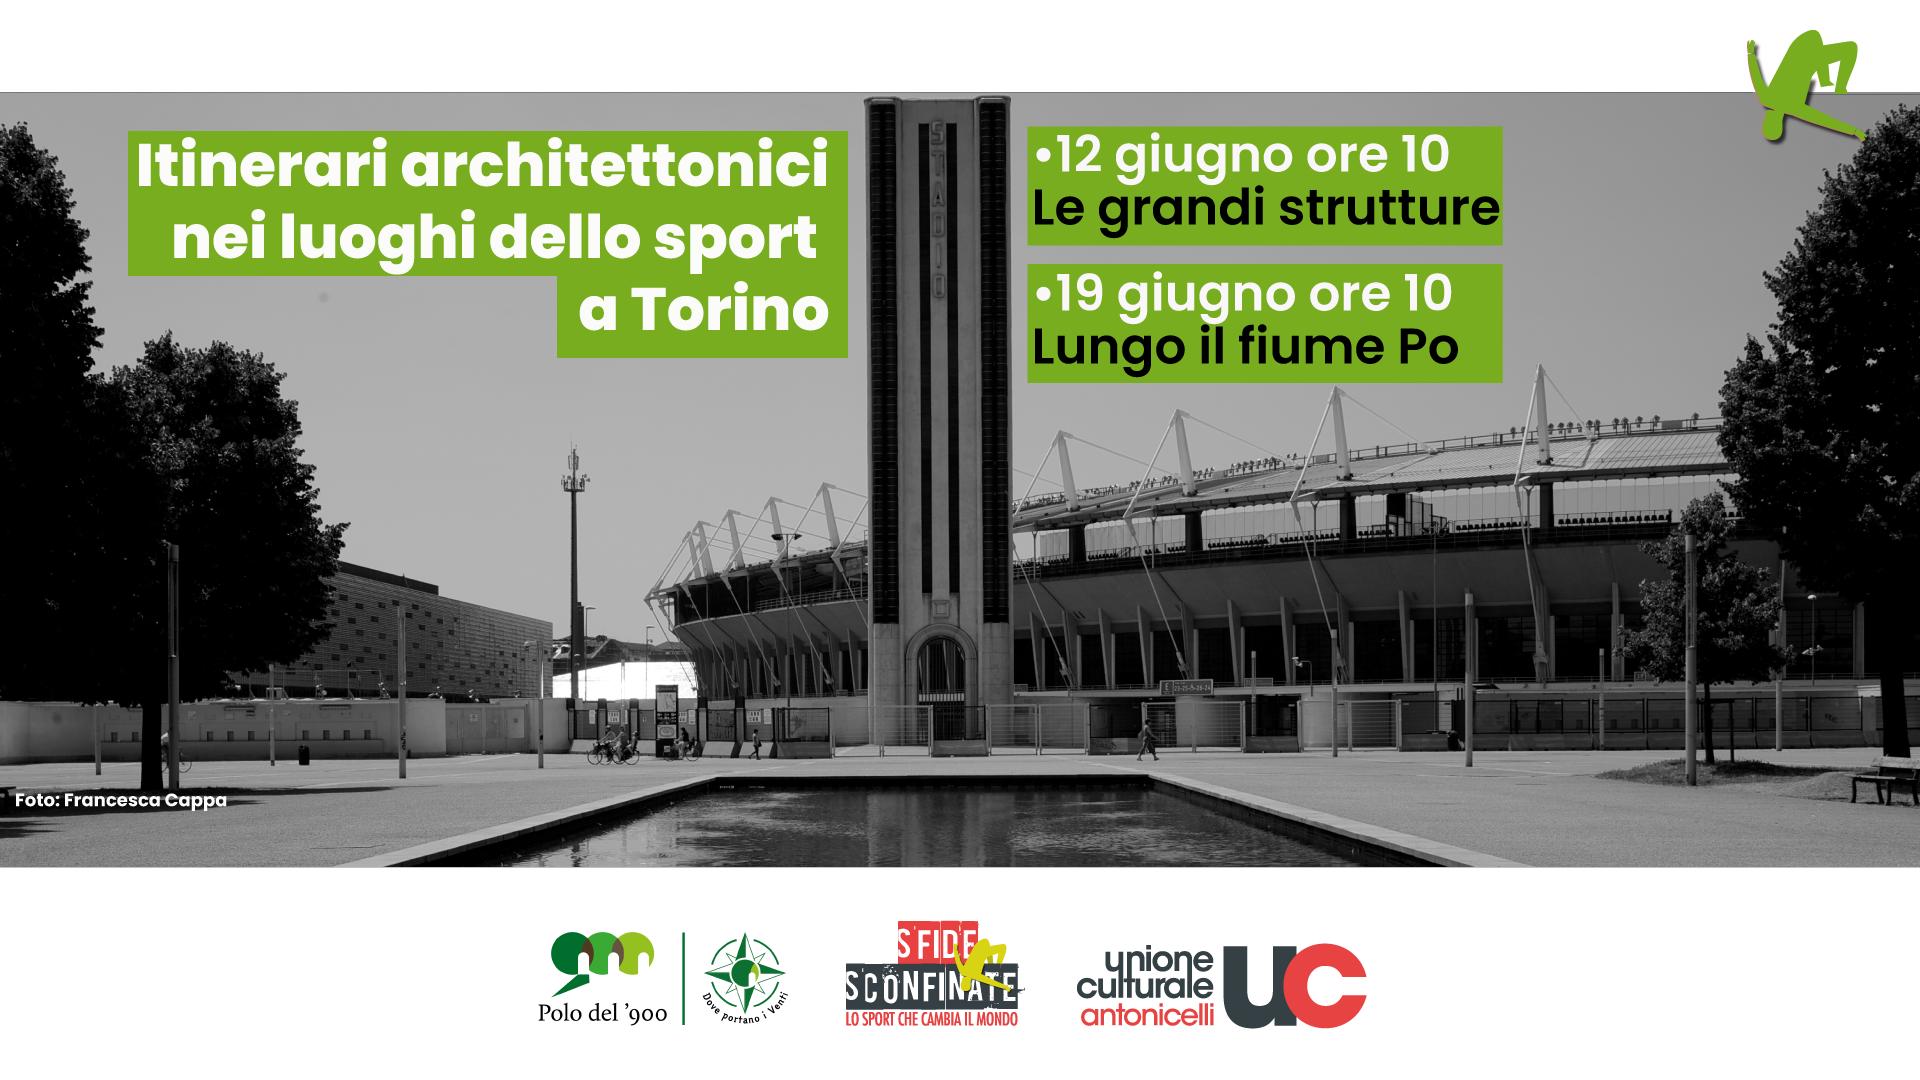 Sfide-sconfinate_Itinerari-nei-luoghi-Torino